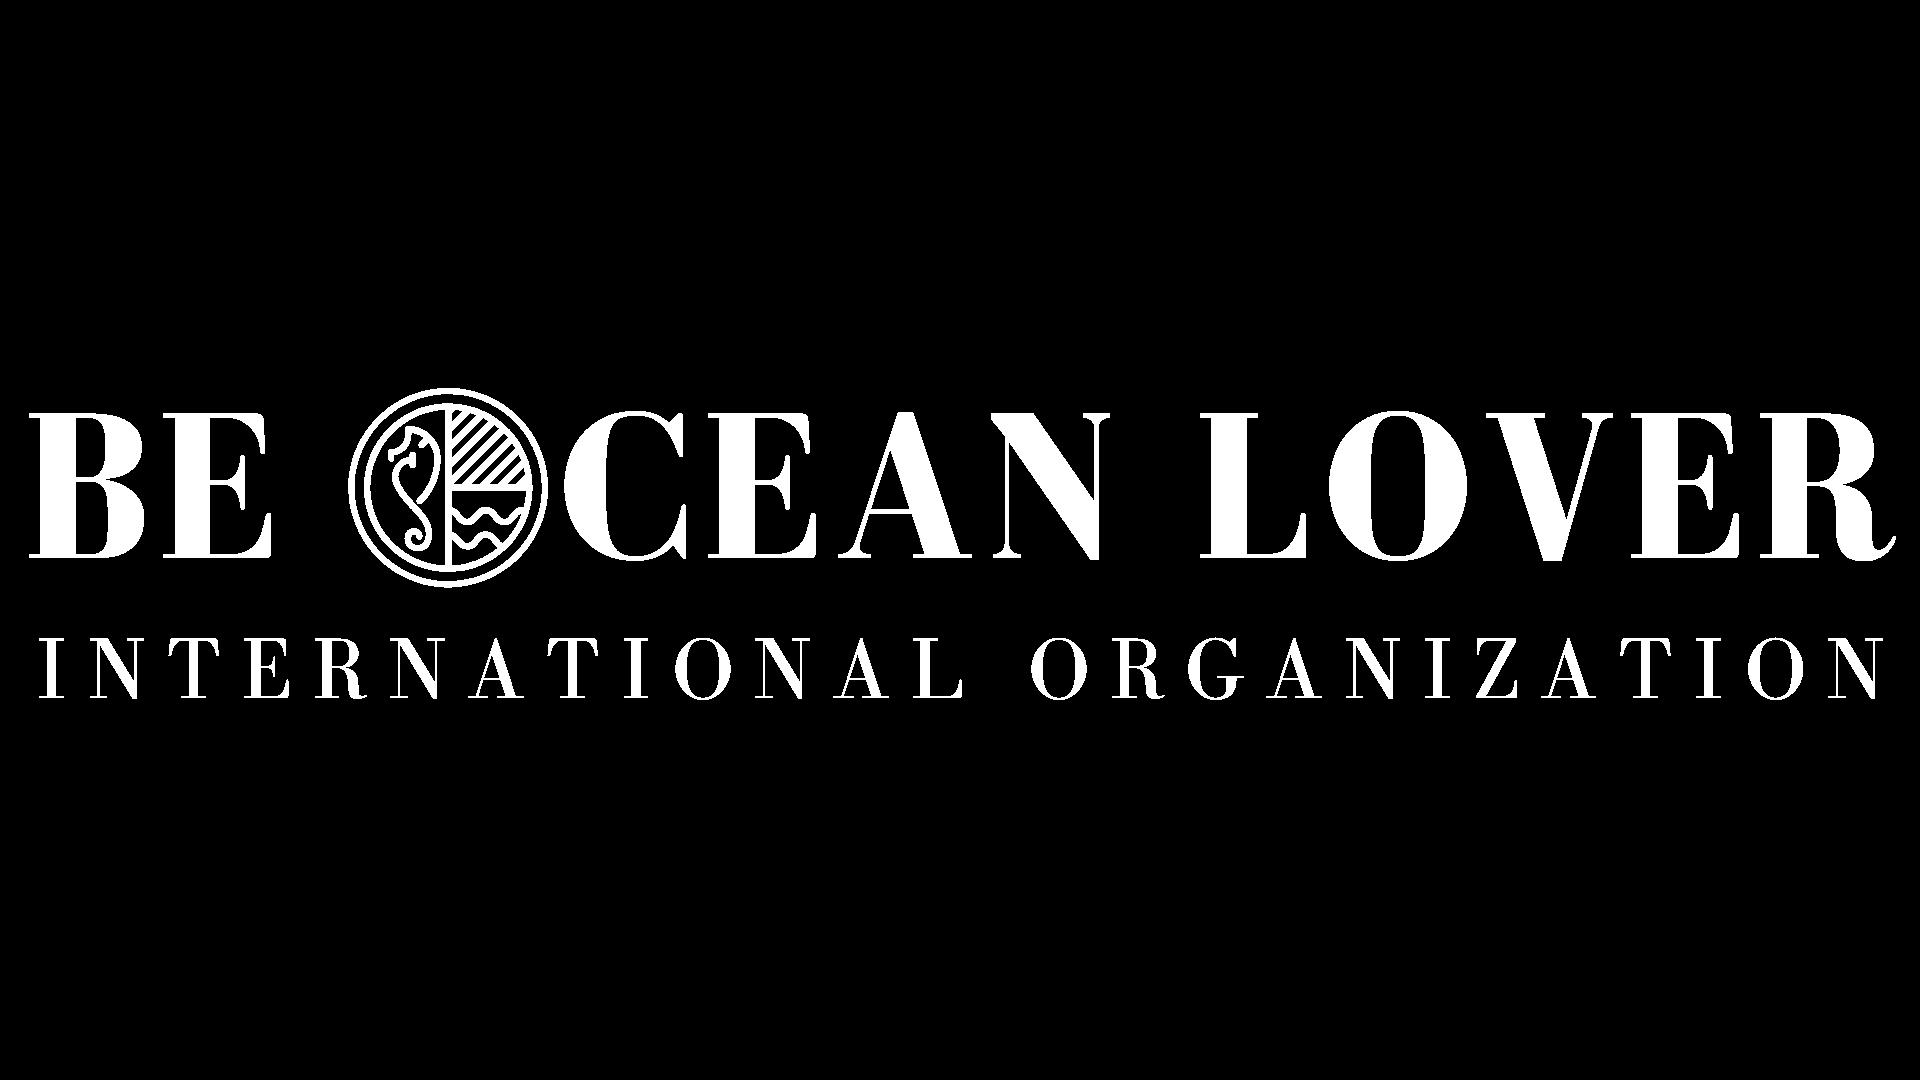 Be Ocean Lover | For a Better World